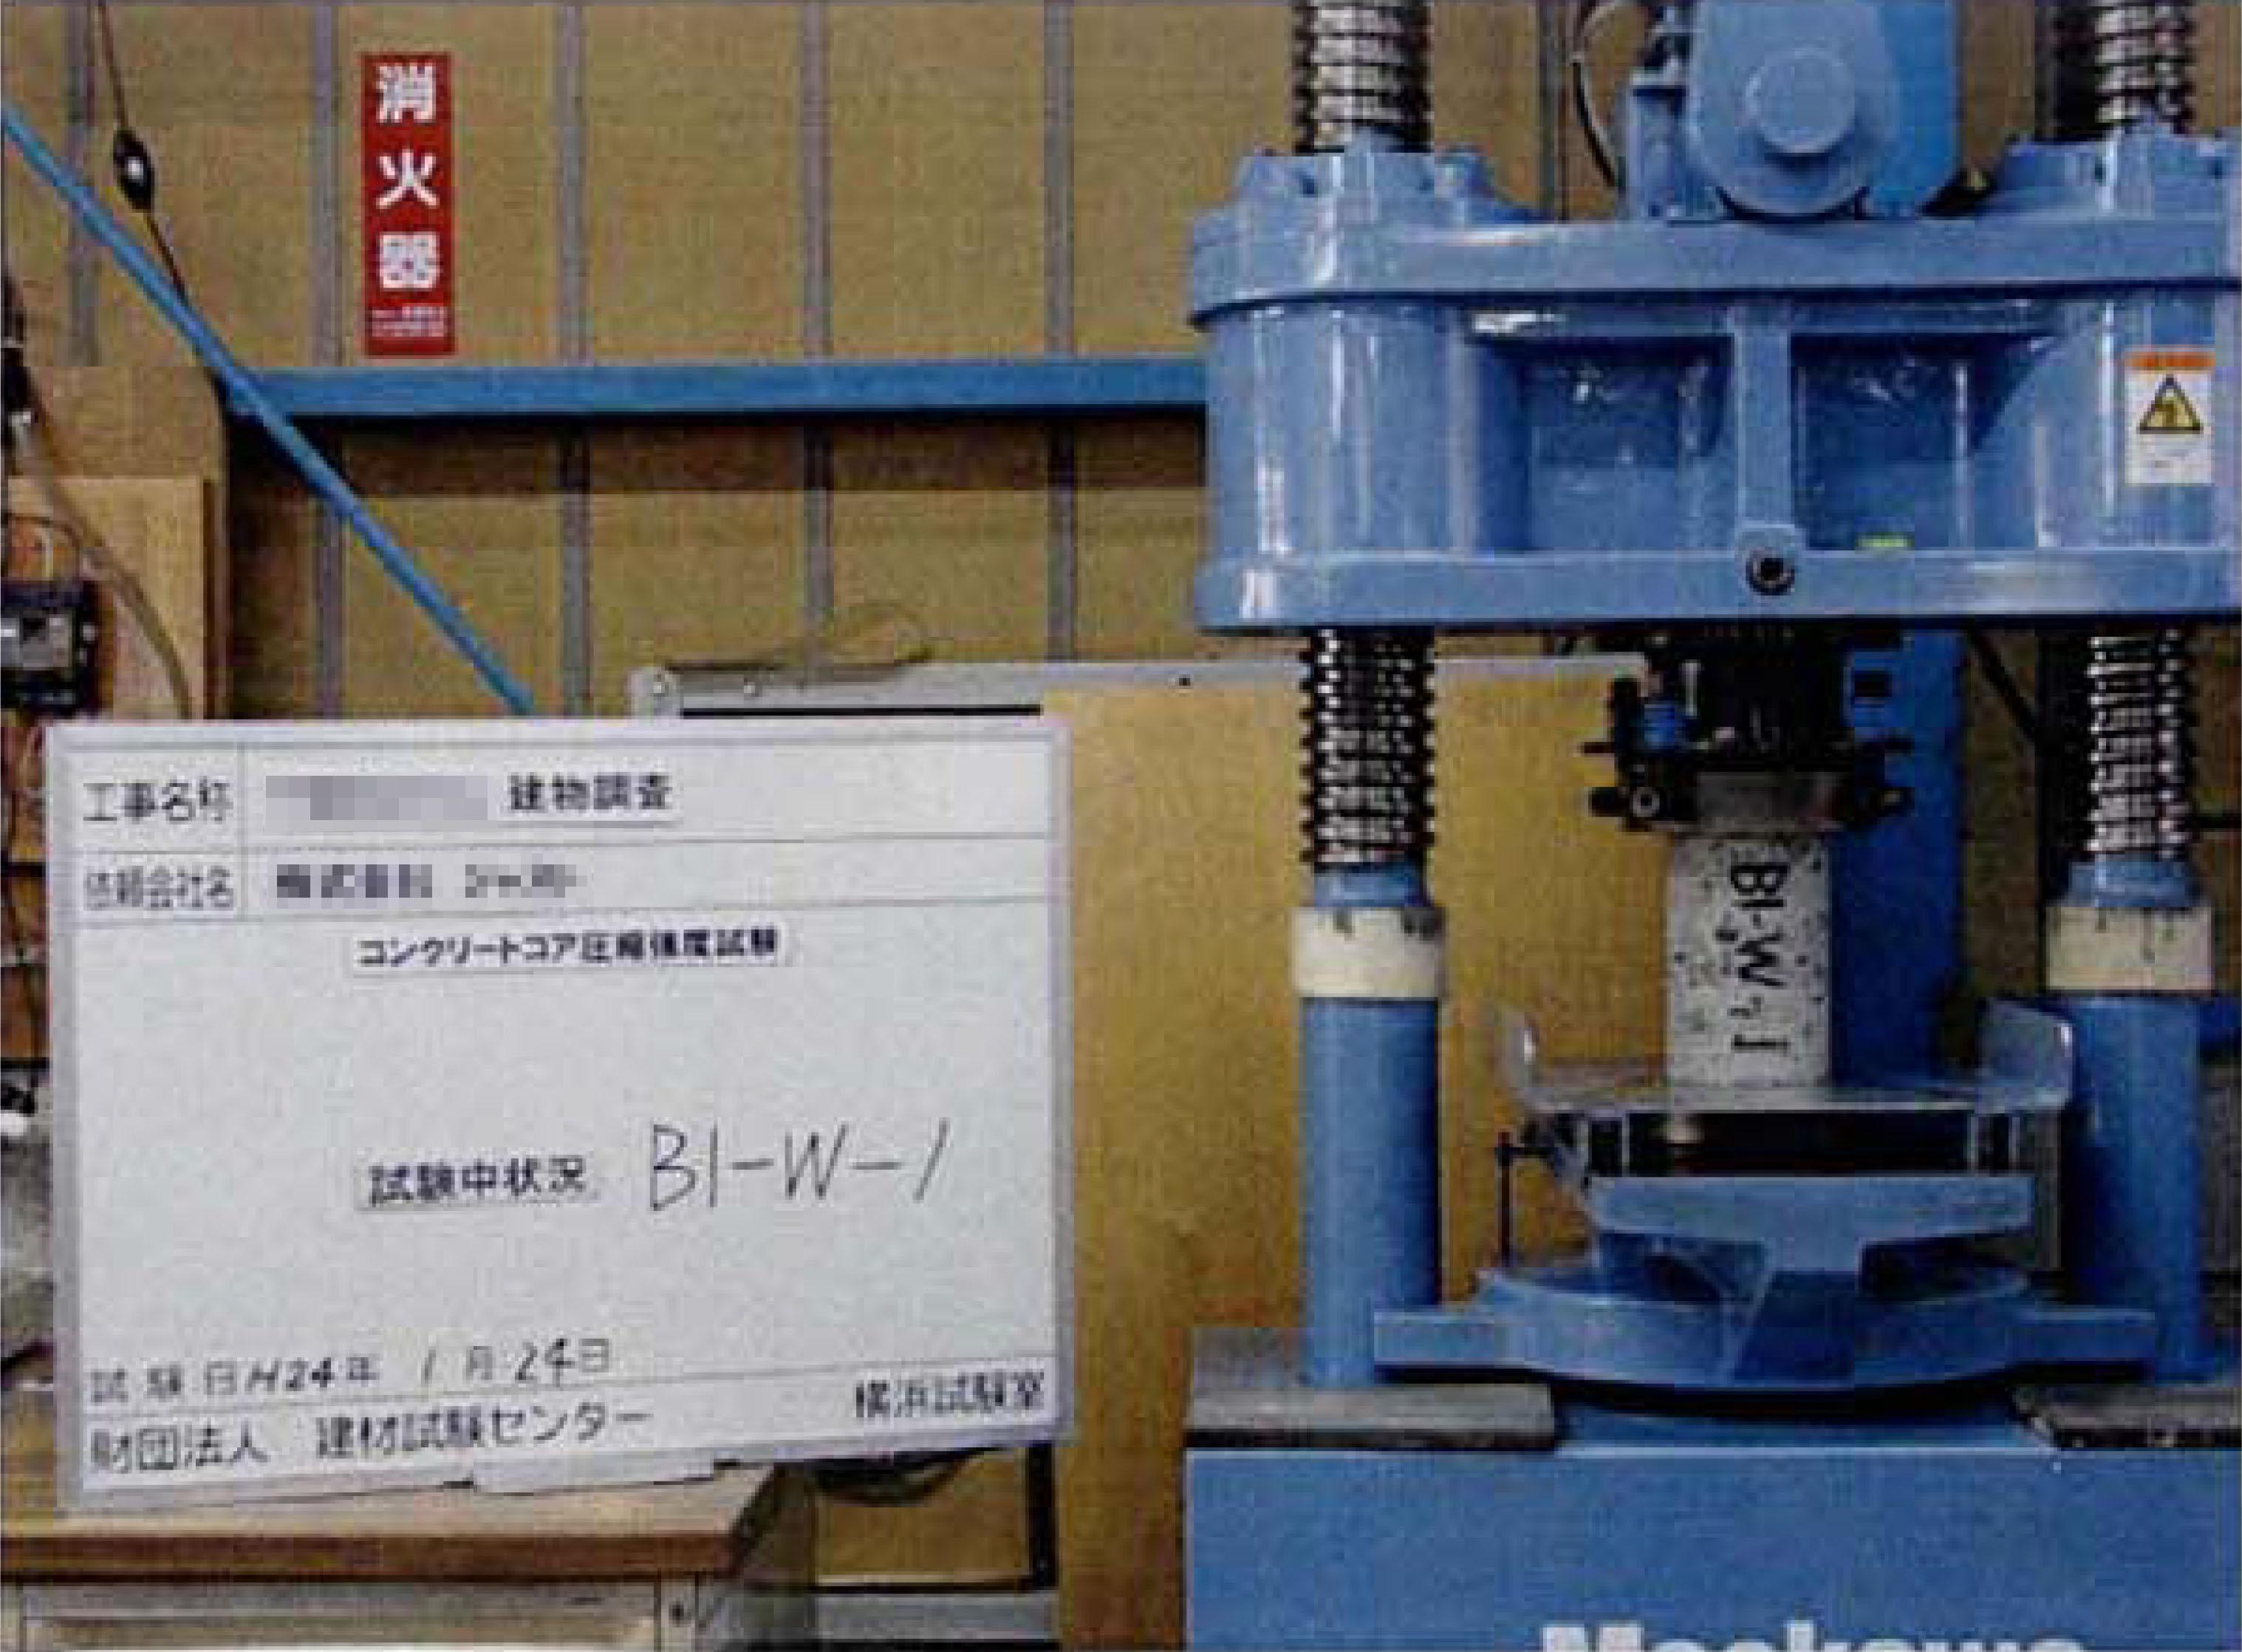 アムスラー試験機で供試体に荷重をかけているコンクリート強度試験の写真